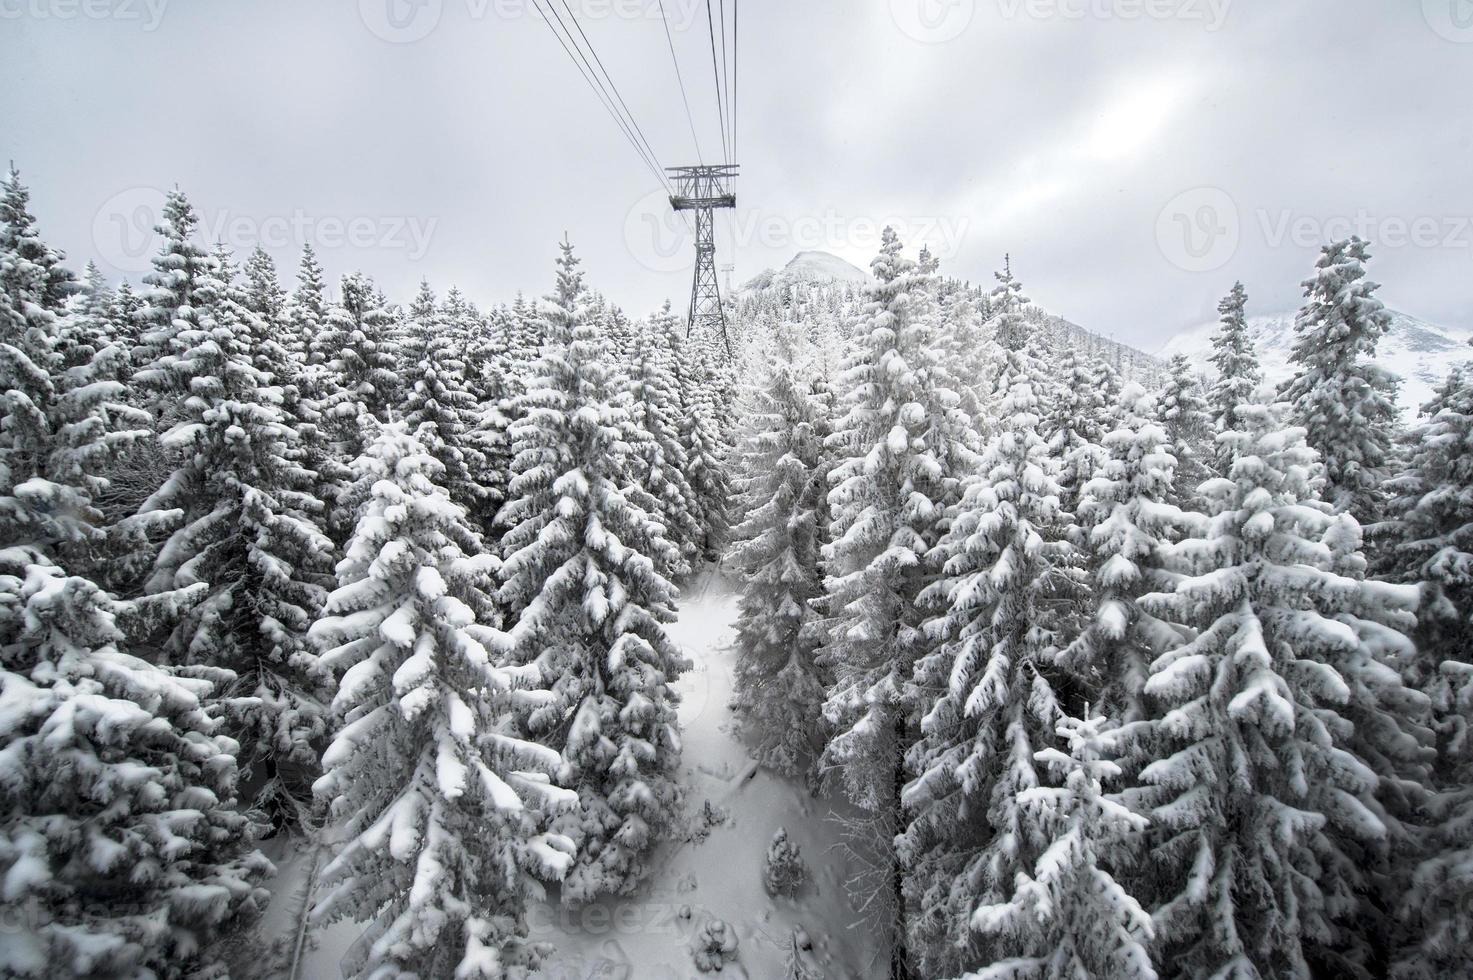 caminho coberto de neve durante o inverno foto